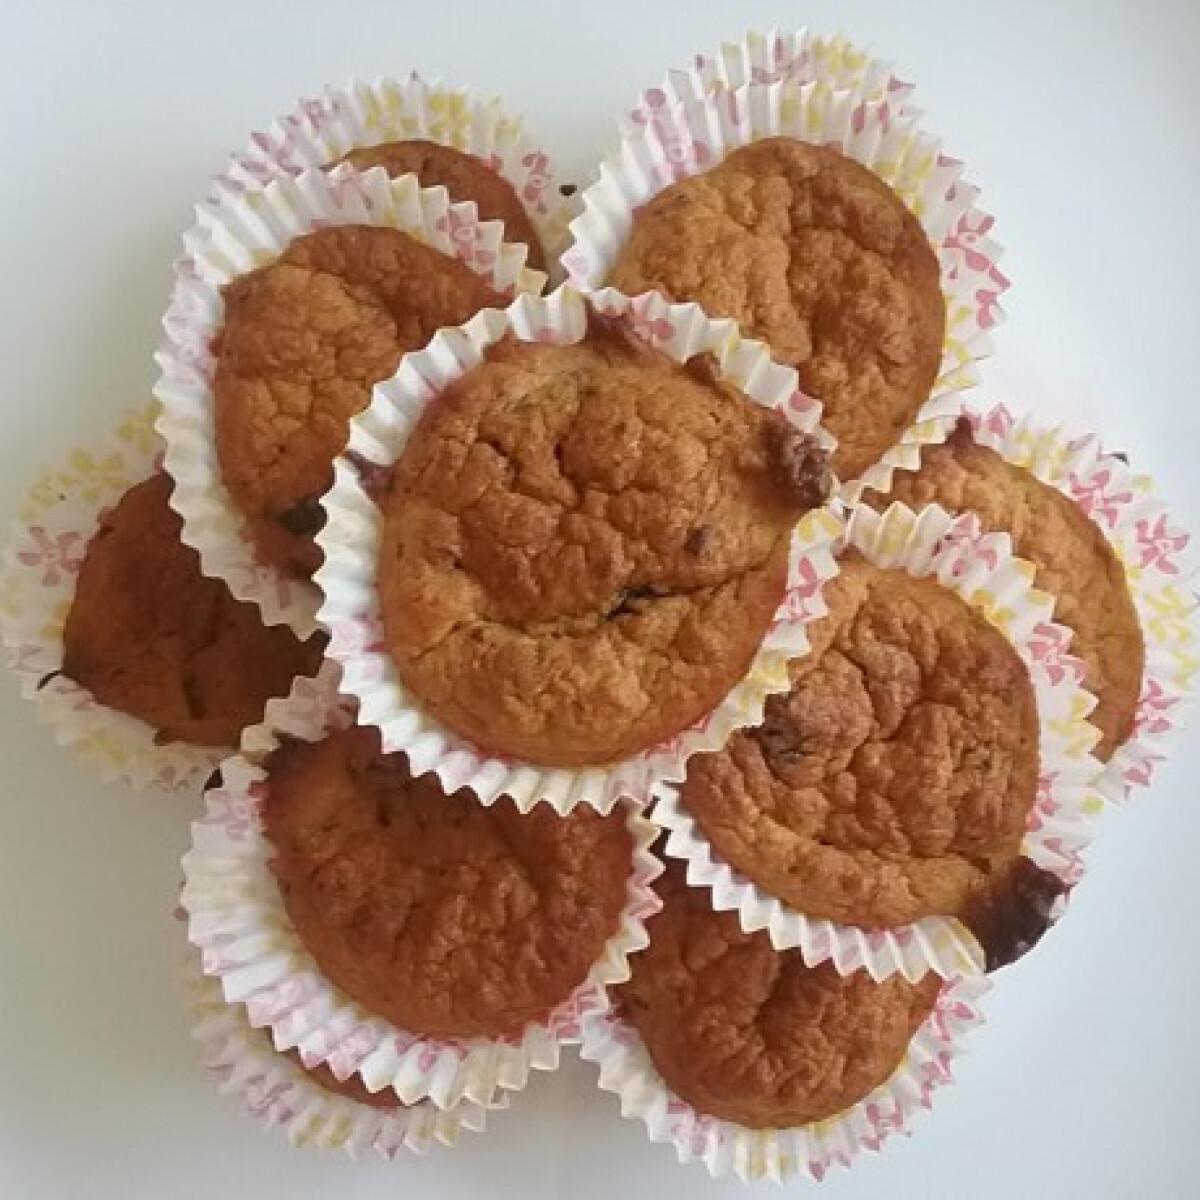 Diétás muffin banánnal és étcsokidarabokkal